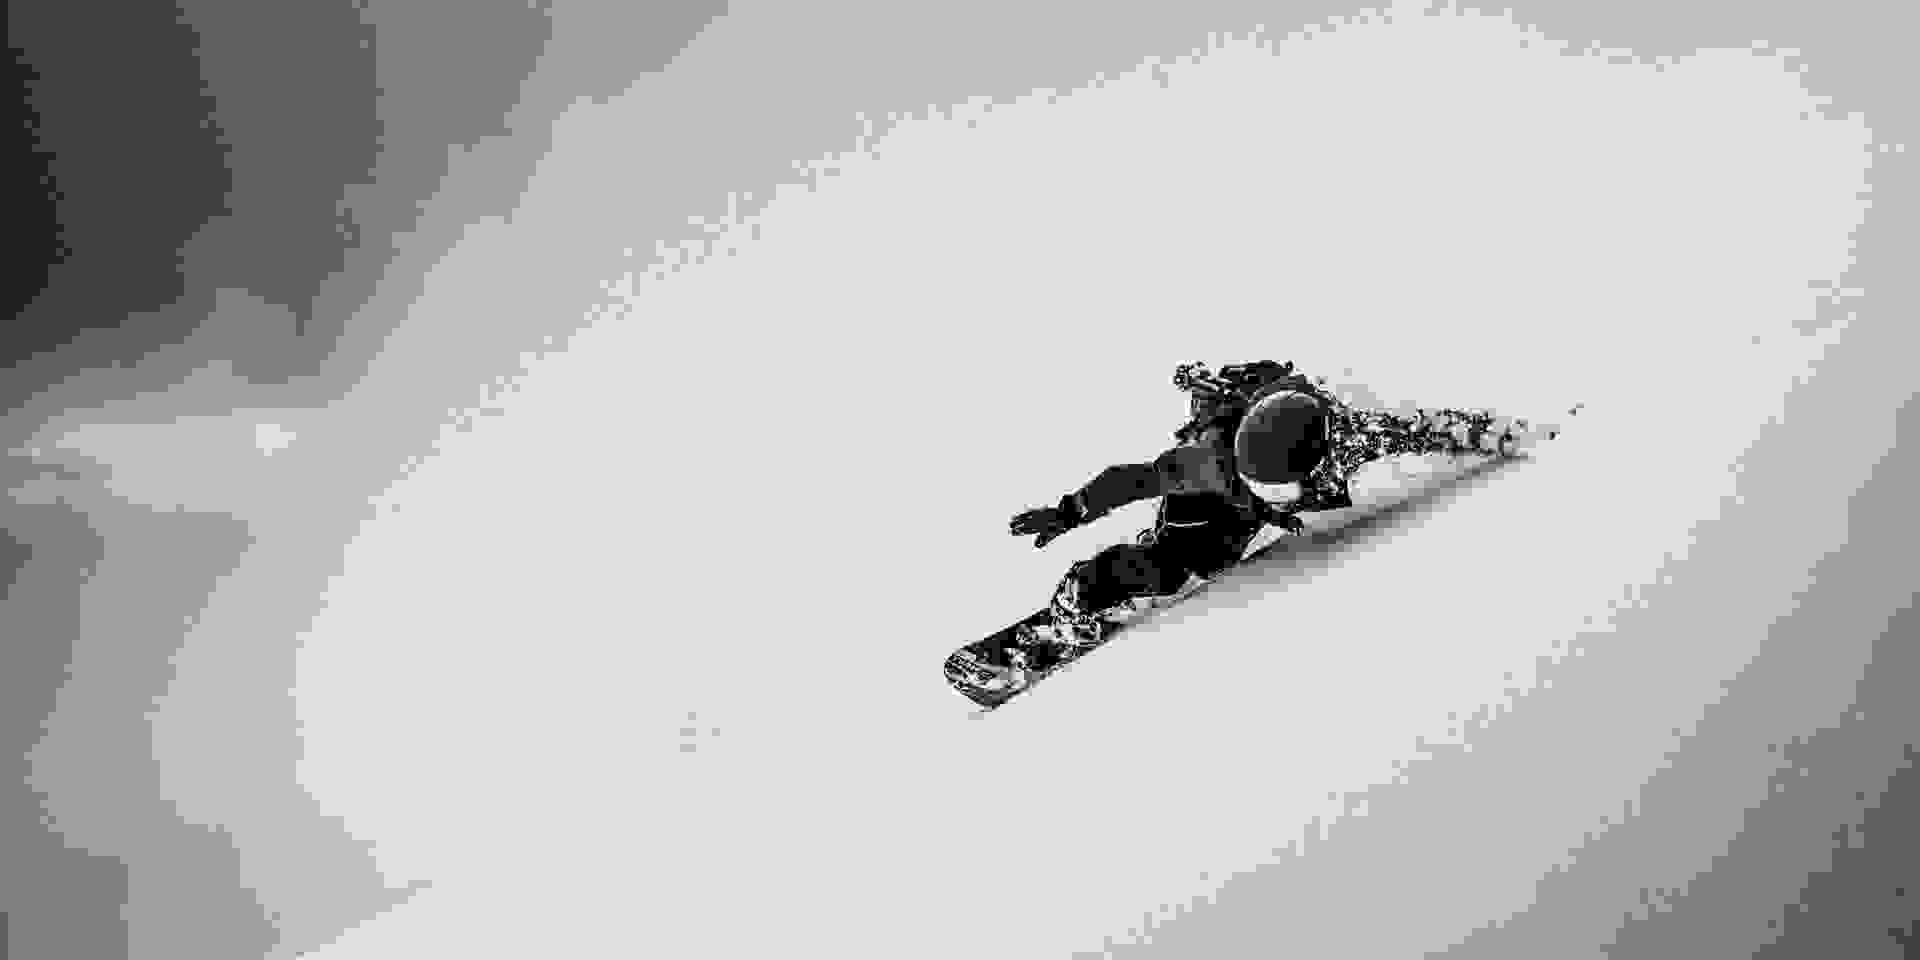 Ein Snowboarder fährt eine Piste hinab. Sein Fahrniveau ist sehr hoch.